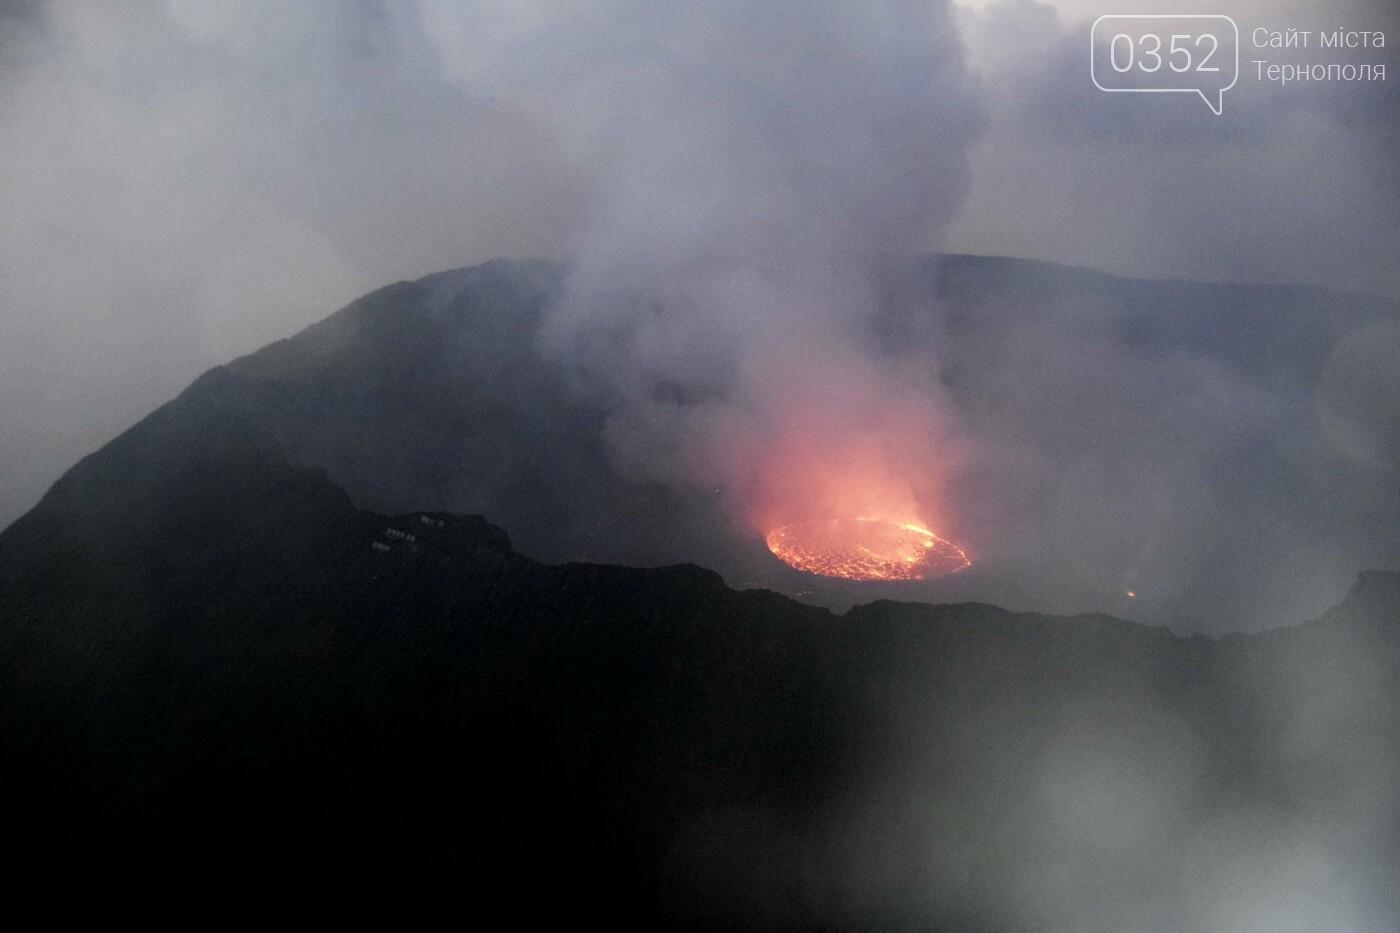 """""""Вражаюче"""": військовослужбовець з Тернополя показав один з найактивніших вулканів у світі (ФОТО), фото-1"""